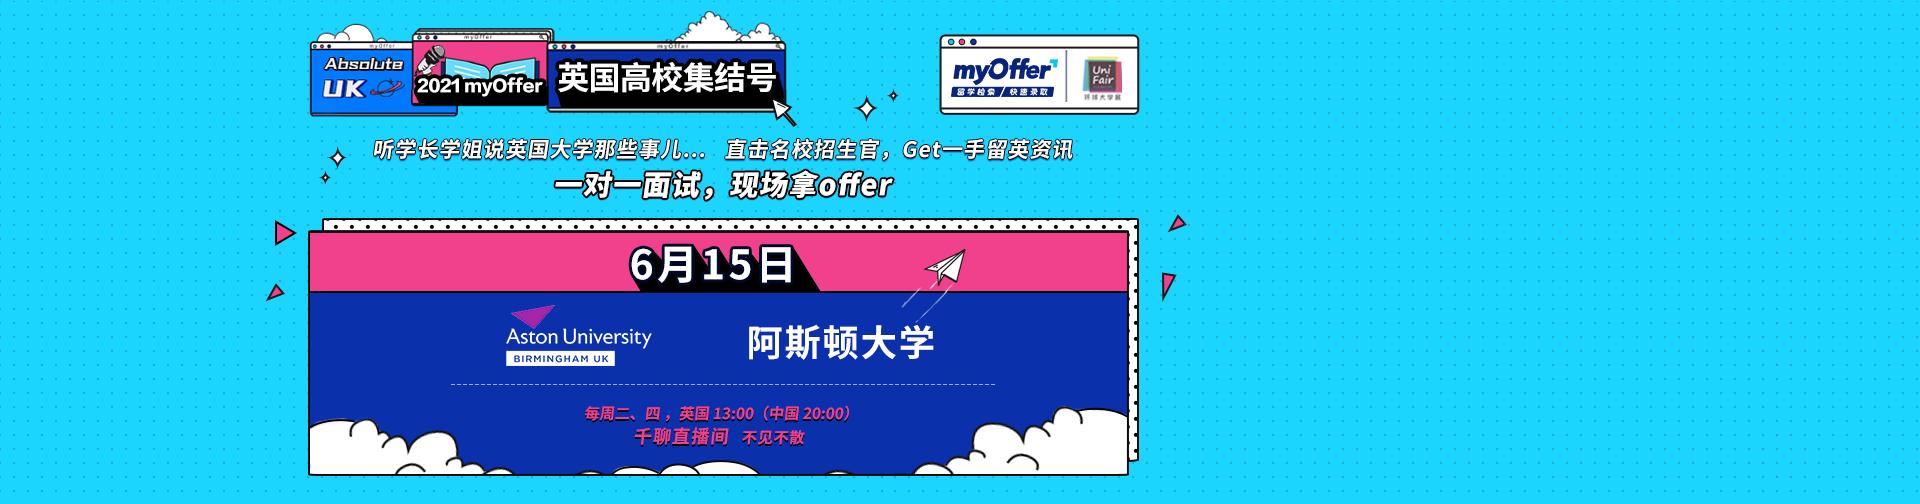 http://myoffer-public.oss-cn-shenzhen.aliyuncs.com/banners/aa36583f74845e3a4604ad53808c0e07-158421-1920x504.png